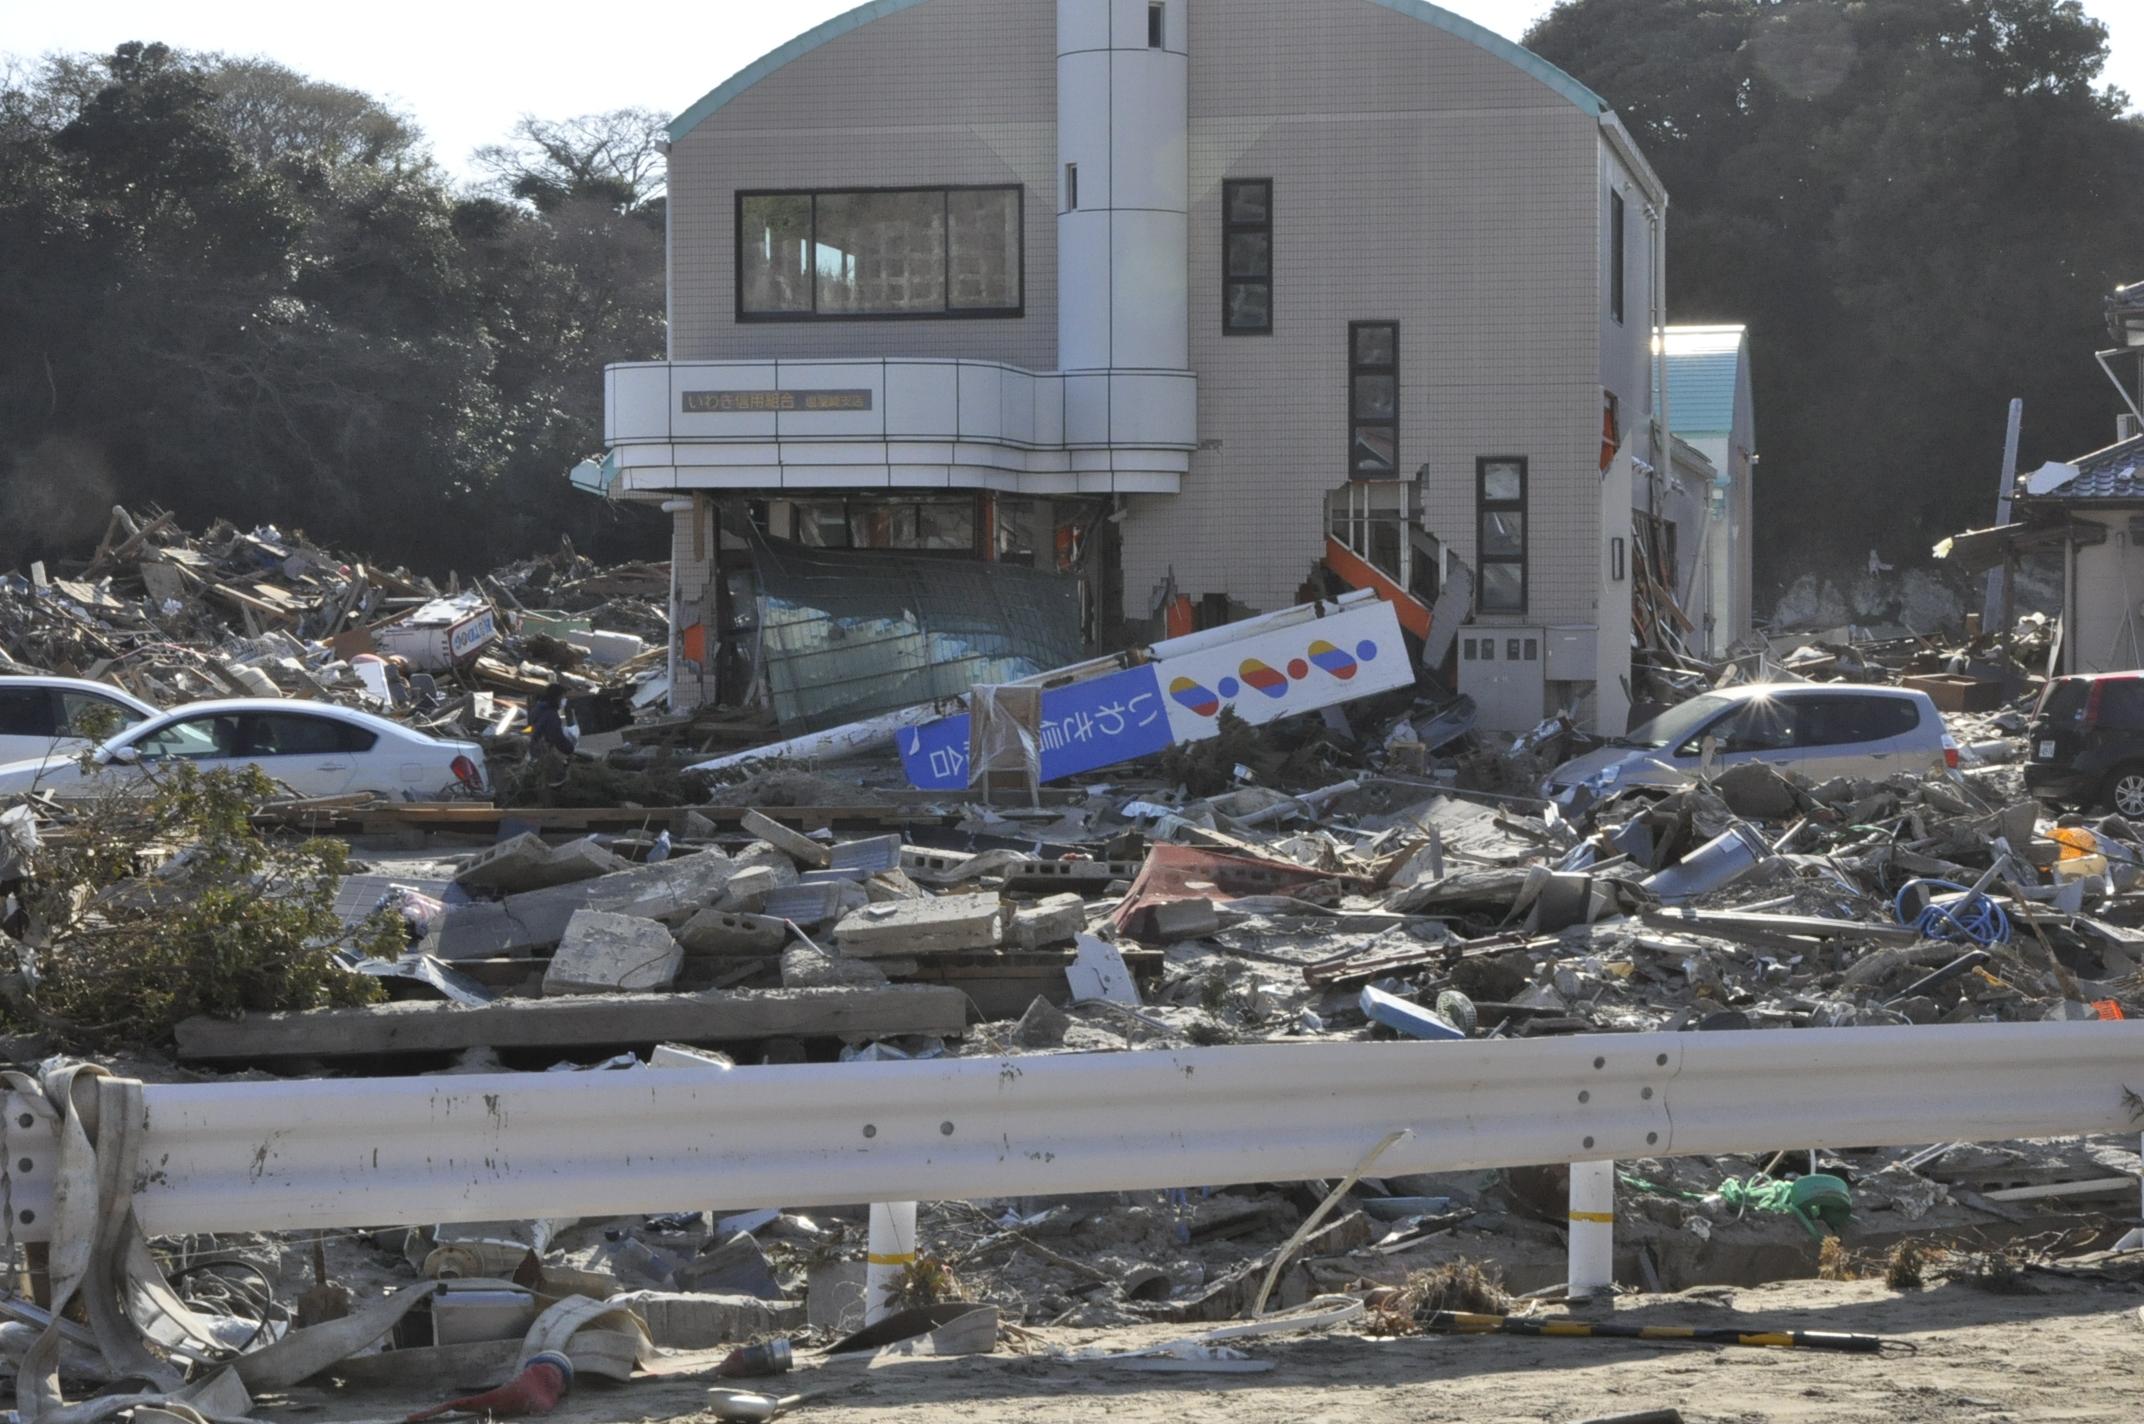 被災地の現状:いわき市 【チャリティーの意義】